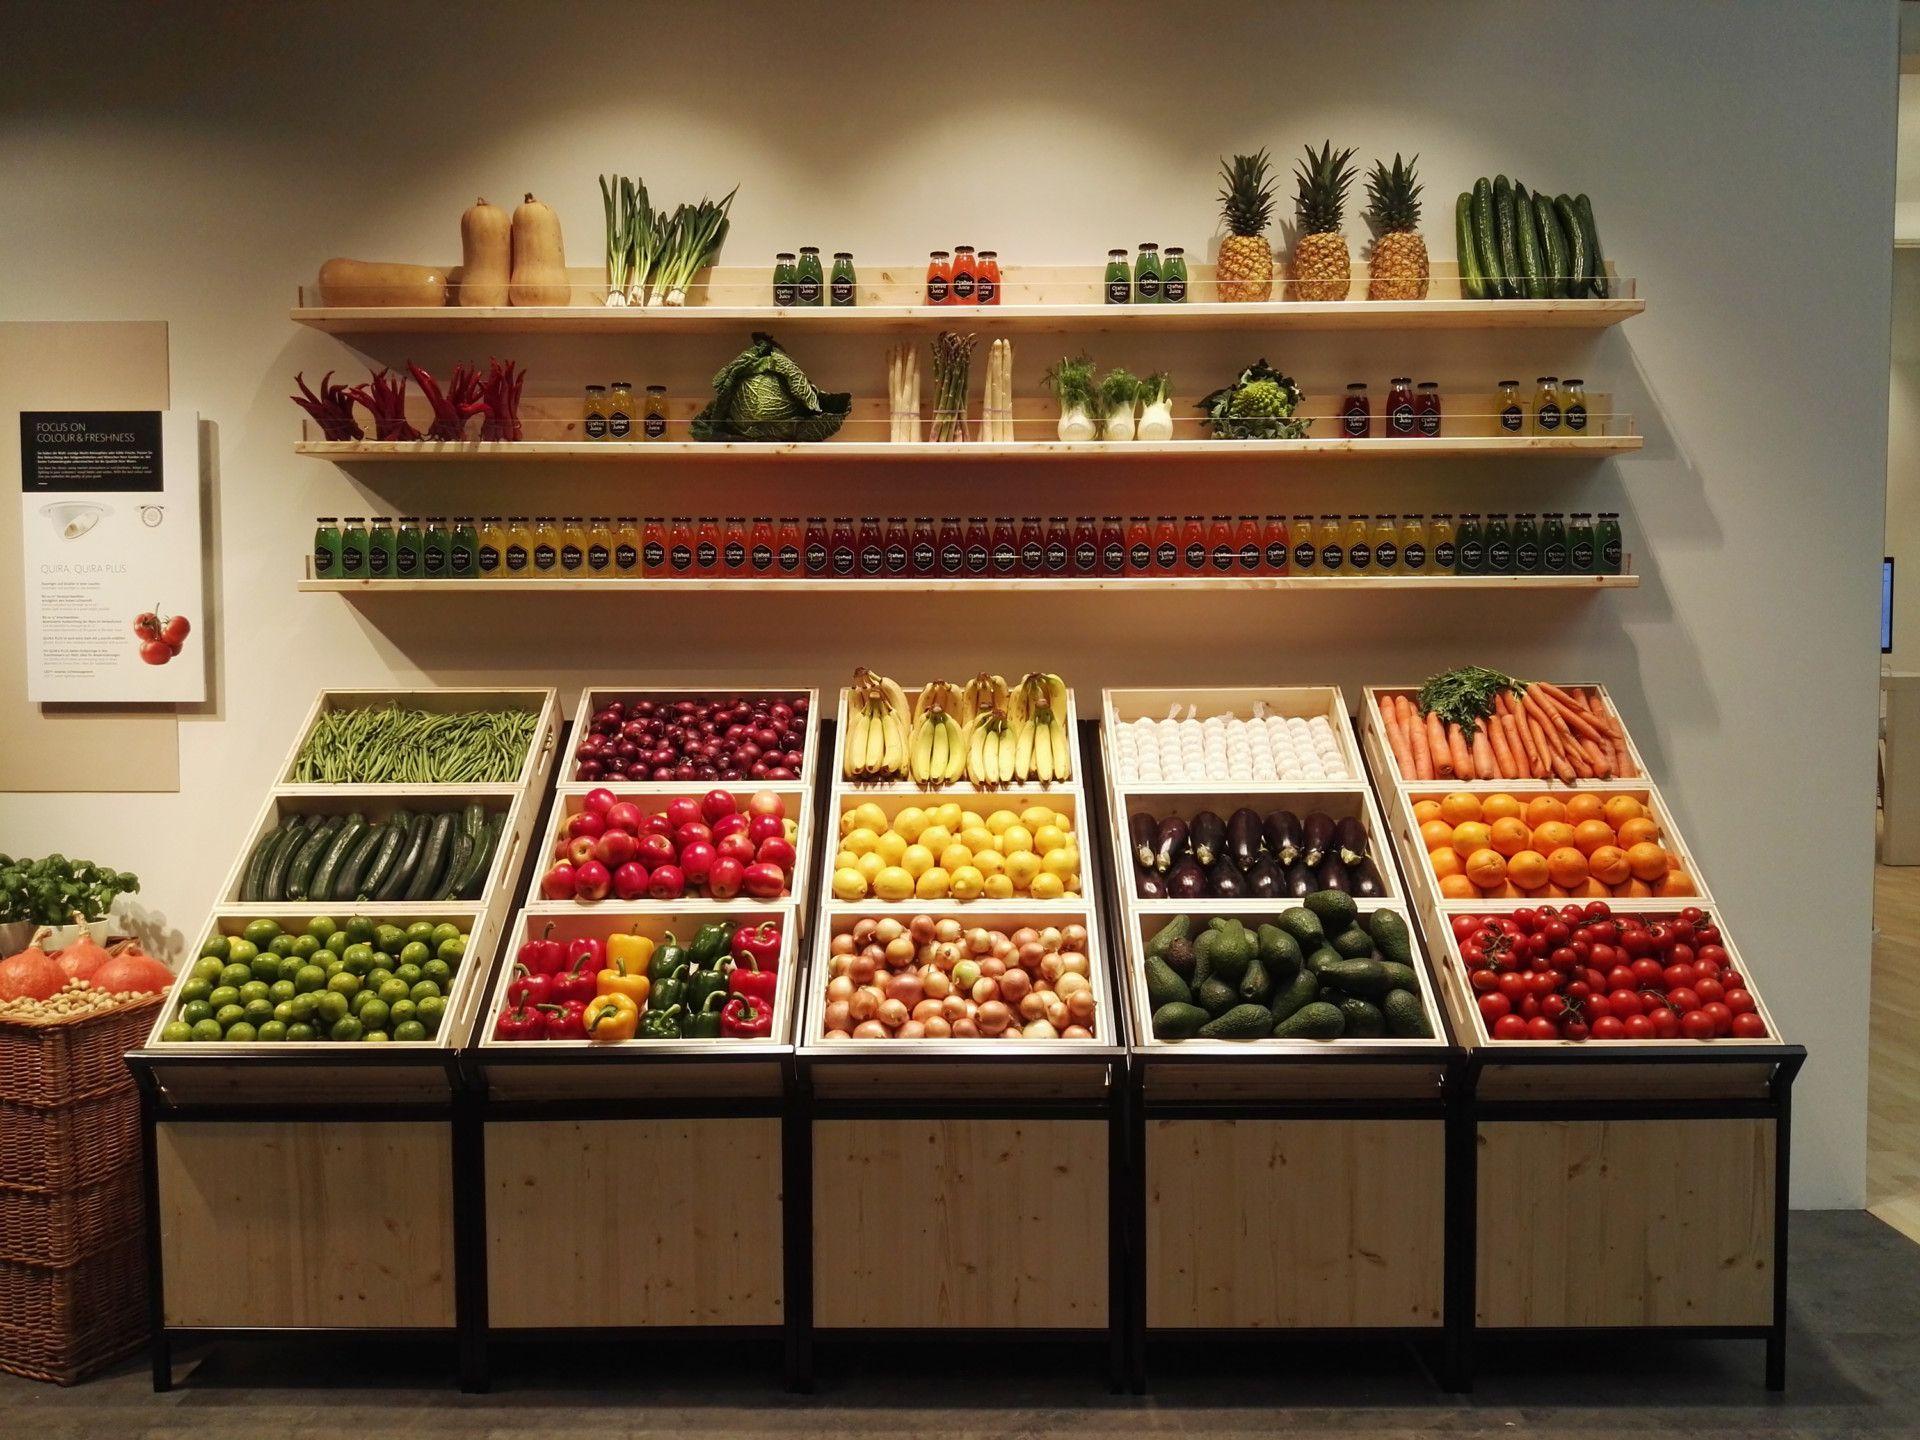 по следам выставки Euroshop что изменит облик ритейла ассоциация ритейлеров украины Loja De Fruta Expositores De Frutas Expositores De Loja